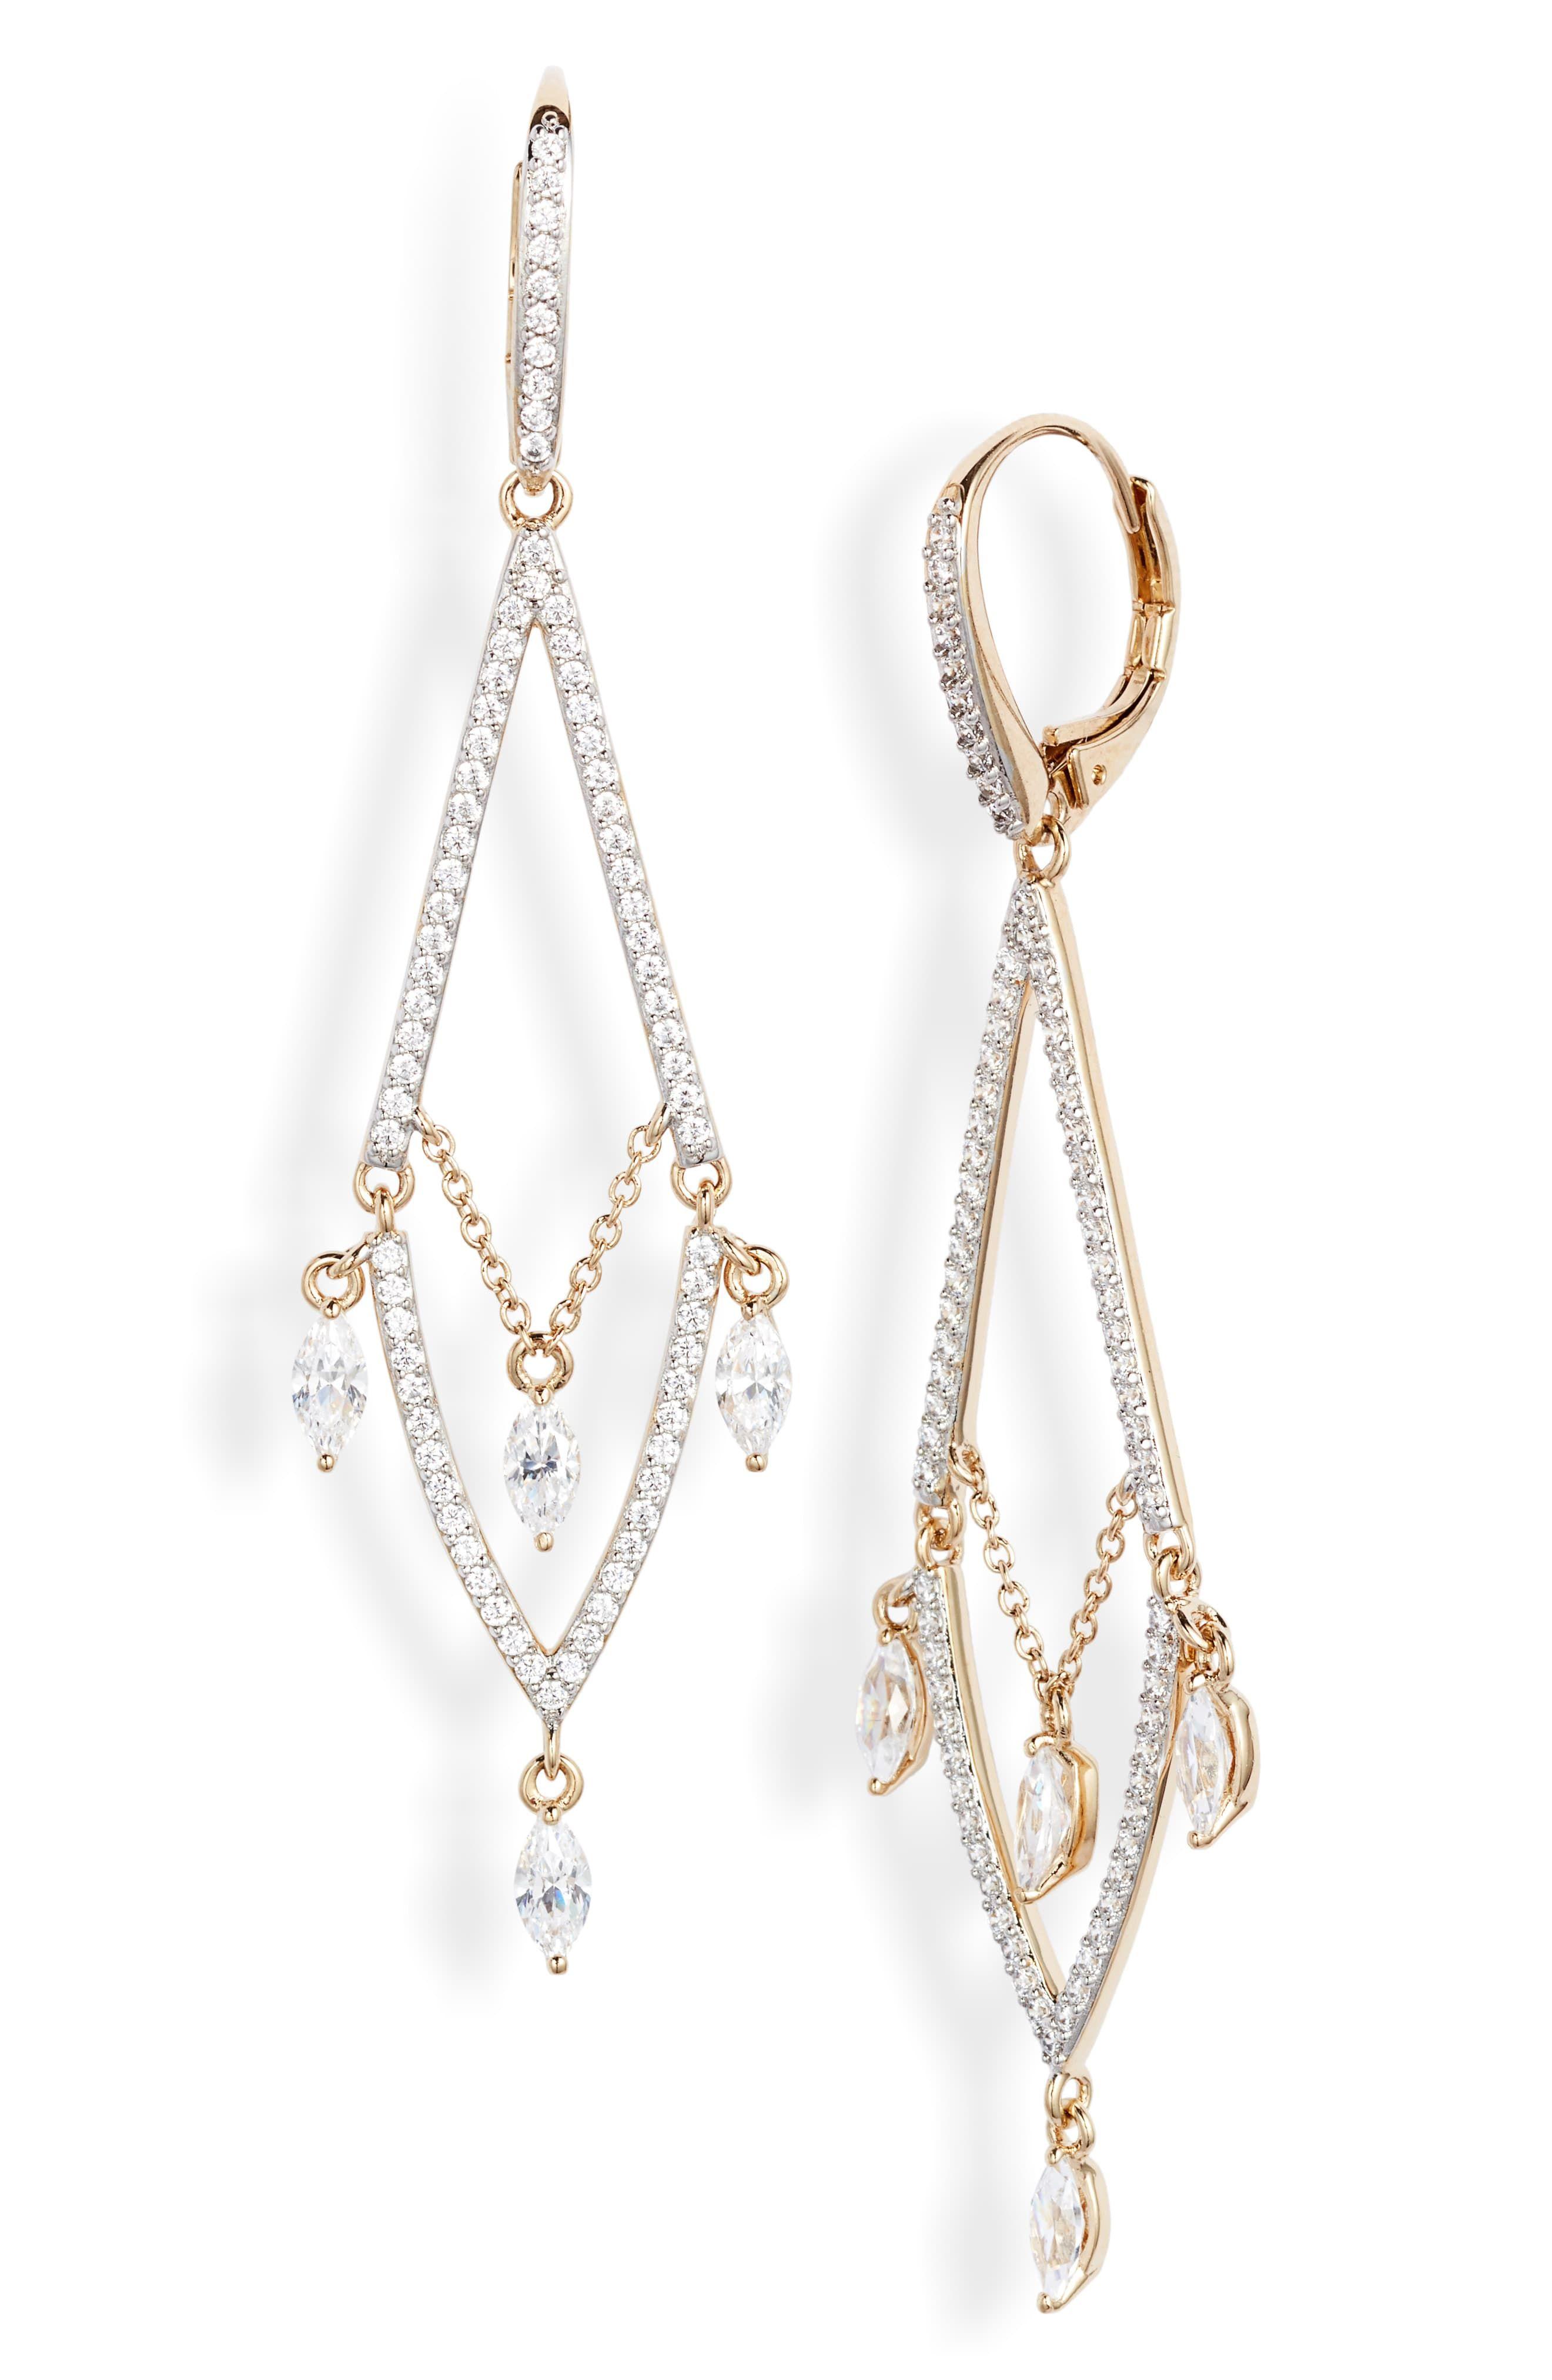 Women S Nadri Breeze Cubic Zirconia Chandelier Earrings Chandelier Earrings Nadri Cubic Zirconia